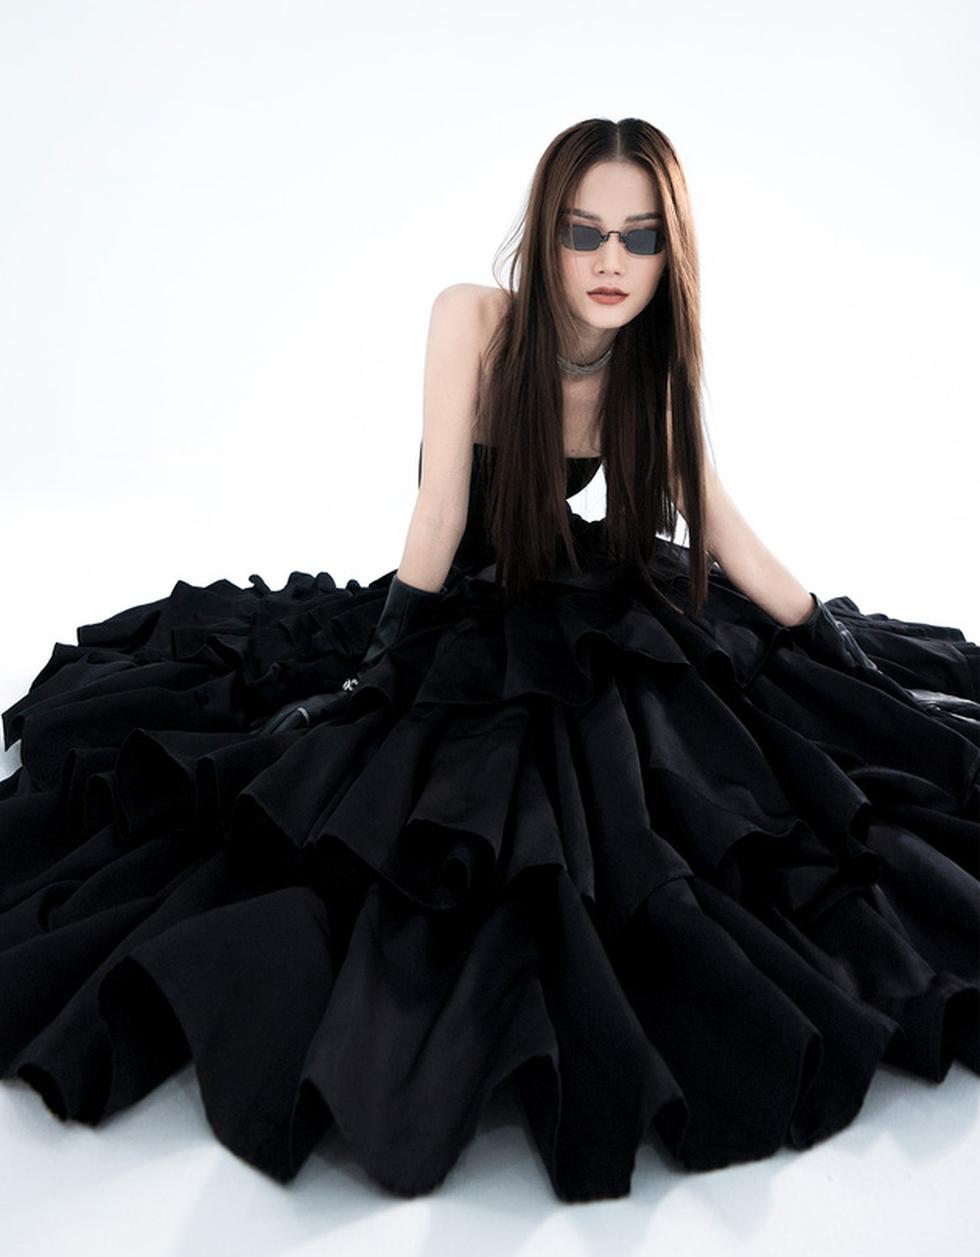 Trần Hùng công bố bộ sưu tập ấn tượng La Muse đến London Fashion Week - Ảnh 9.